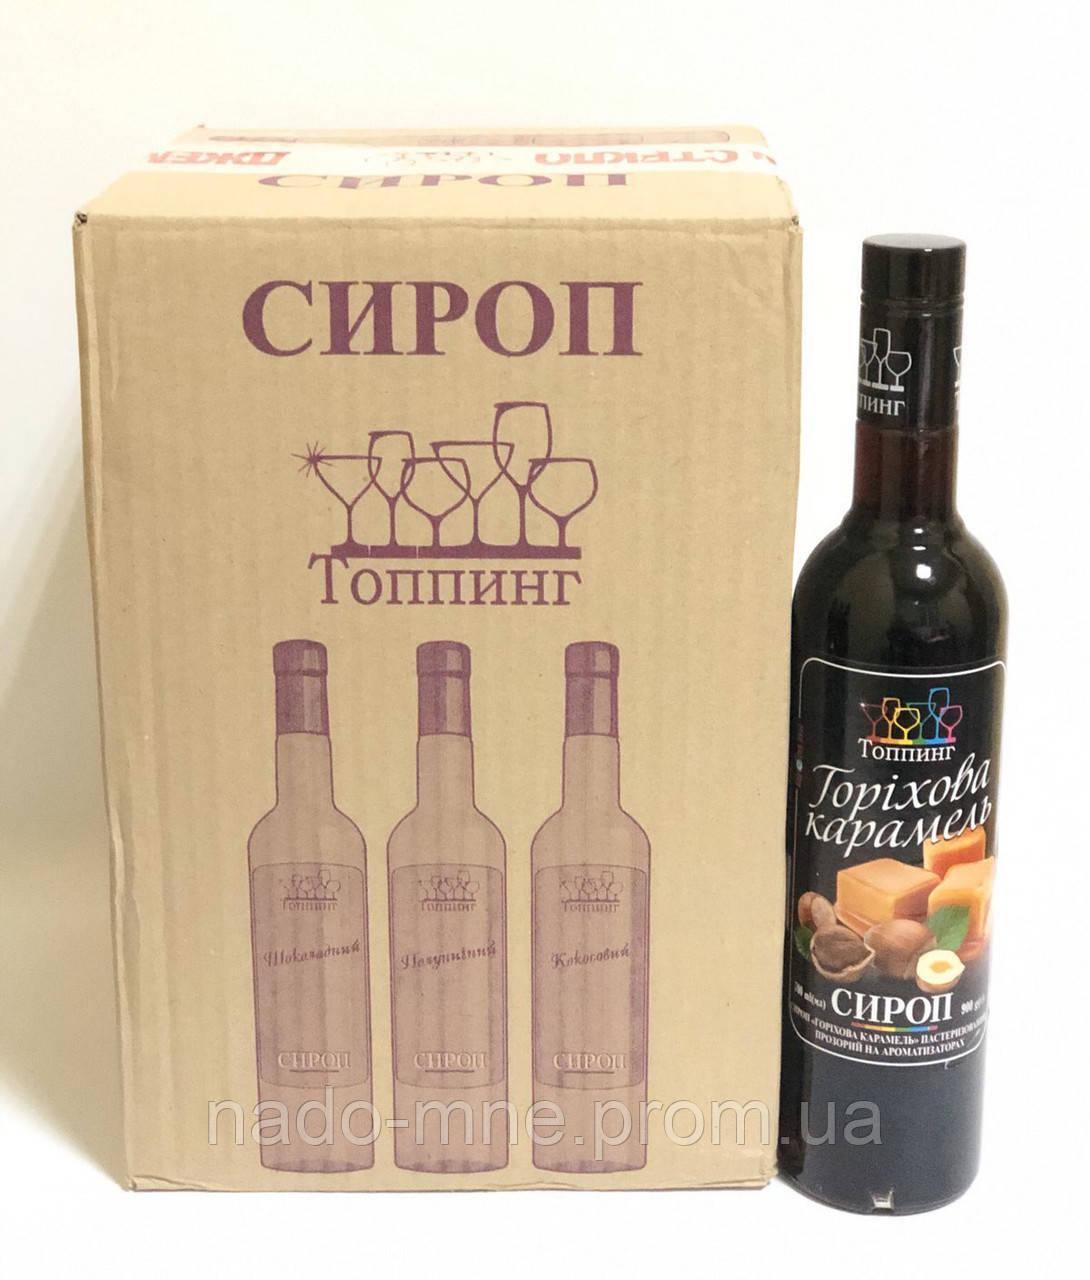 Сироп Ореховая карамель ТМ Топпинг, 900г